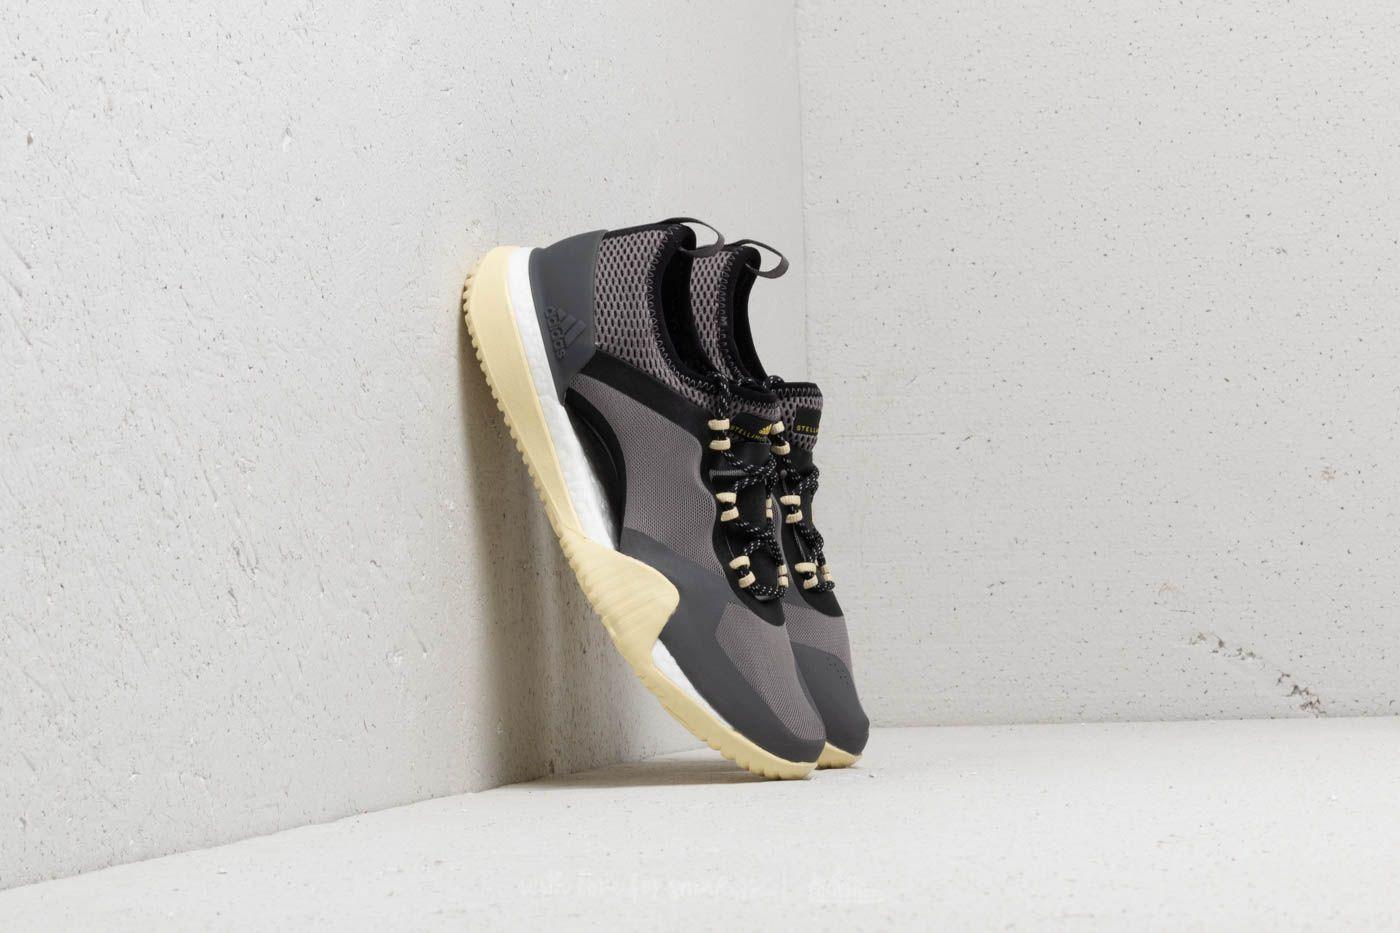 adidas x Stella McCartney Pureboost X TR 3.0 Stone/ Granite/ Missun za skvělou cenu 2 360 Kč koupíte na Footshop.cz